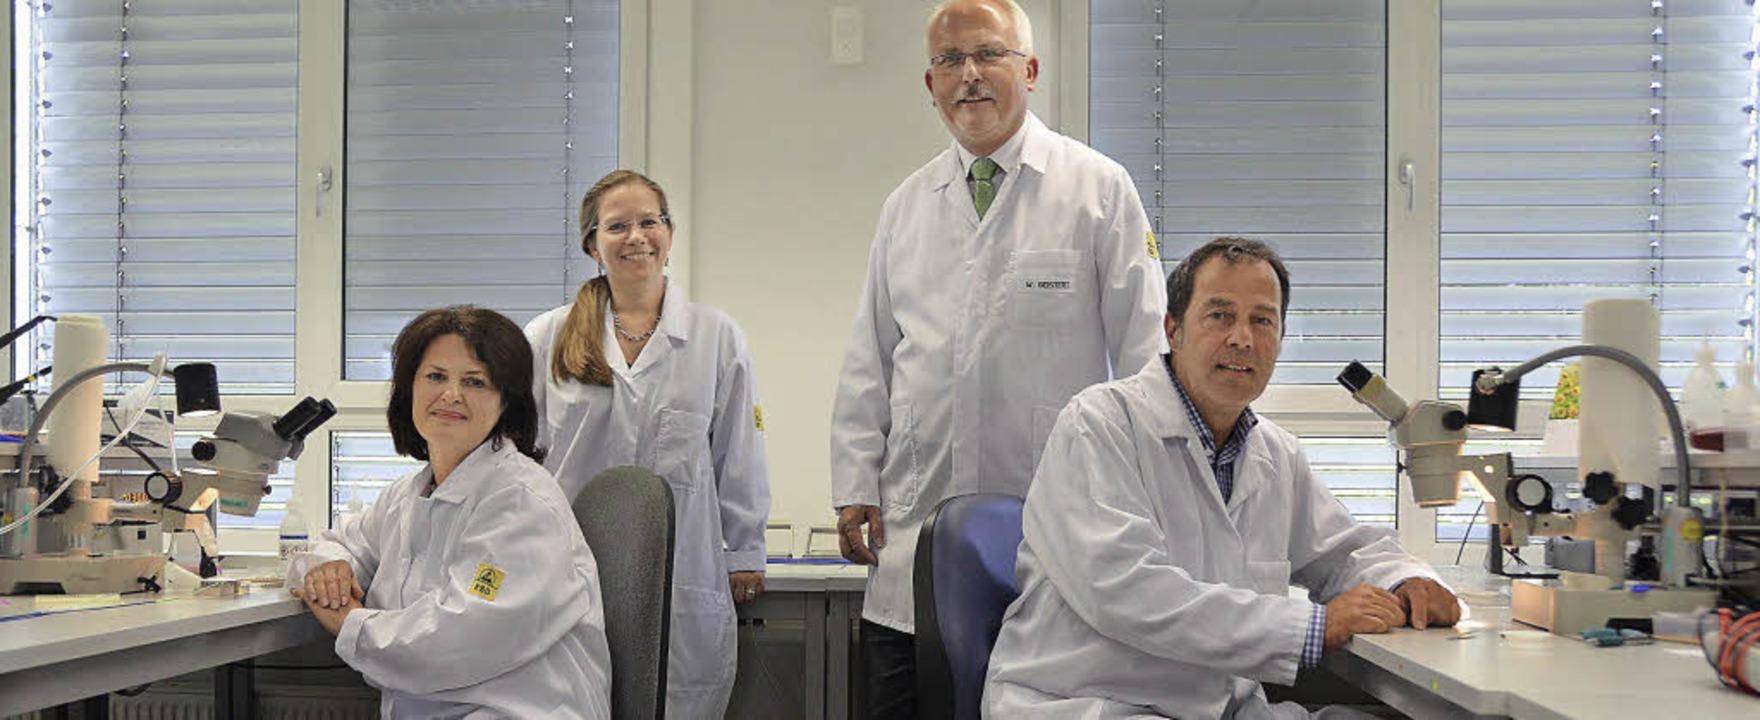 Firma VascoMed in Binzen (von links): ...Med), Bürgermeister Andreas Schneucker  | Foto: Michael Gilg